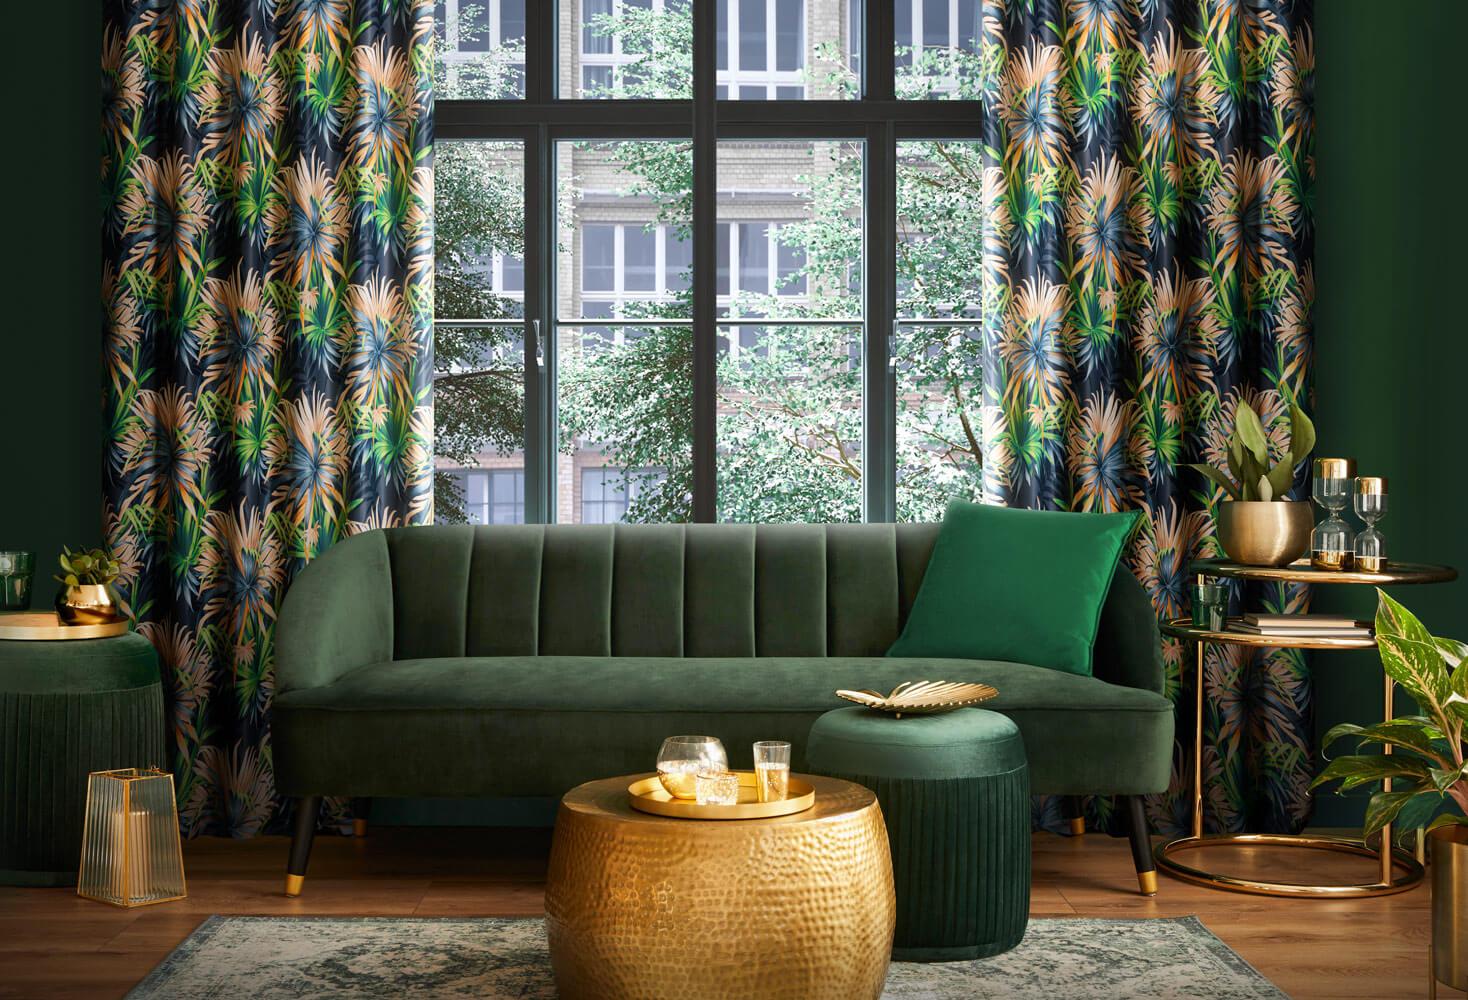 Jaki kolor zasłon do zielonych ścian?